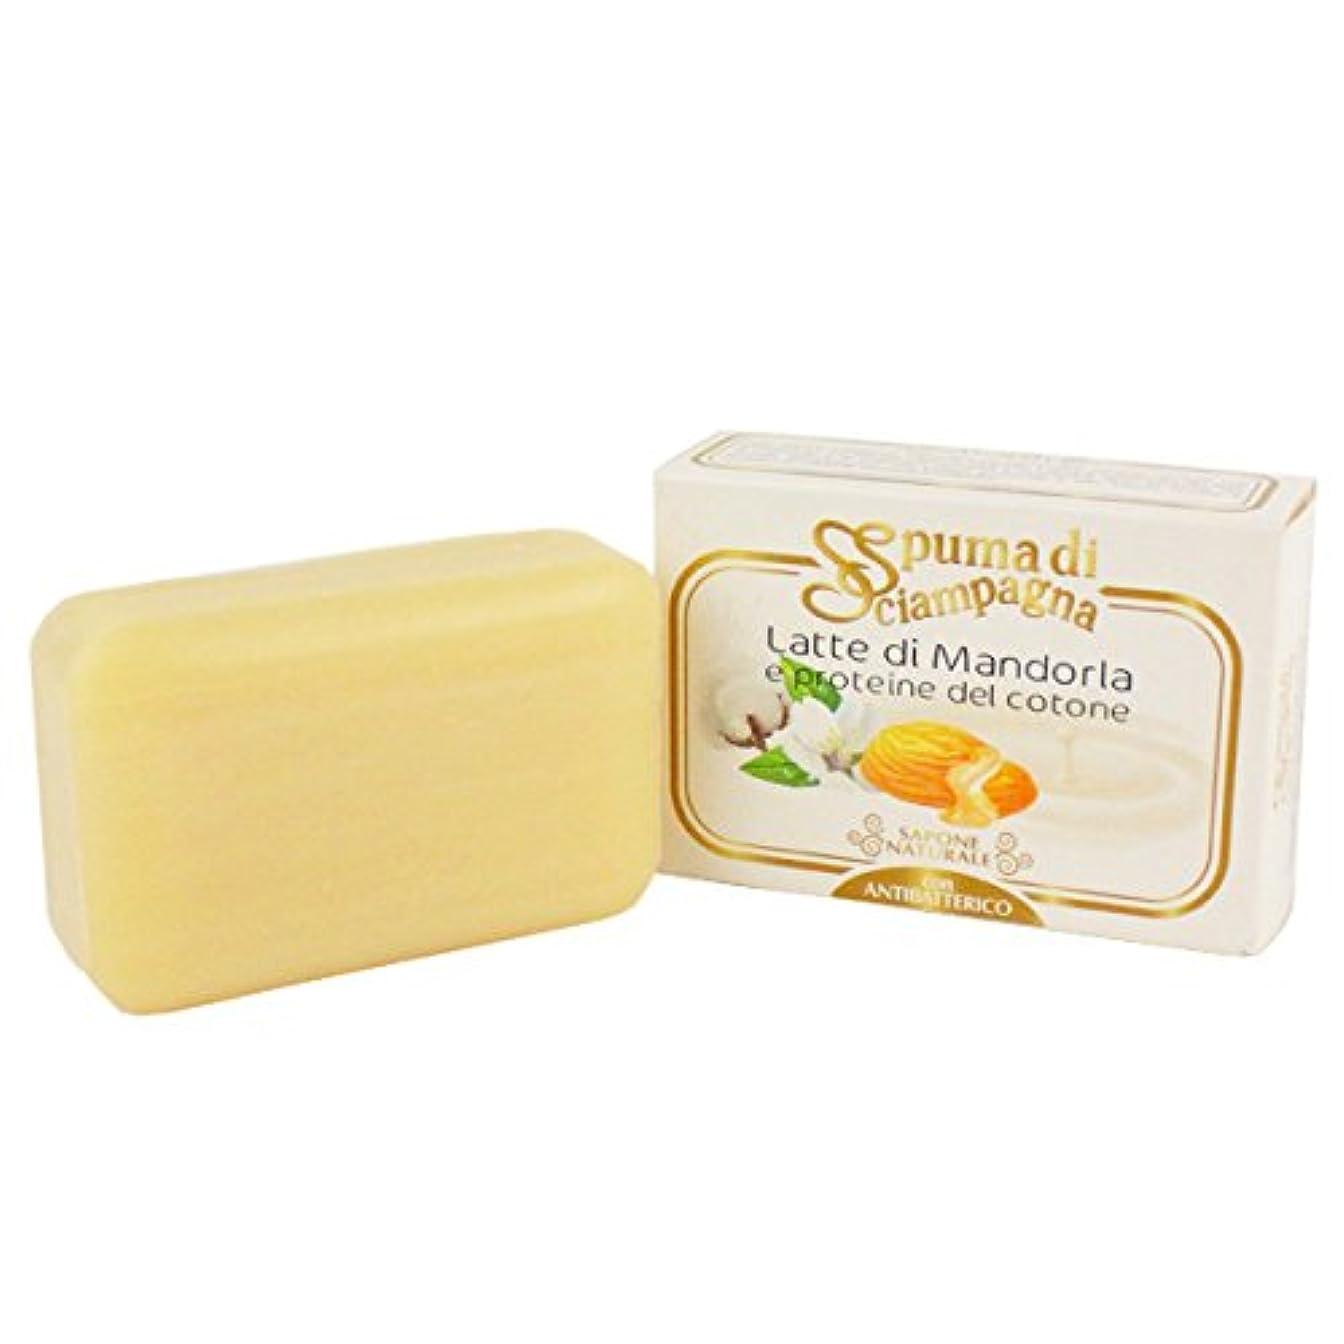 トラフ才能のあるホバートSpuma di Sciampagna (スプーマ ディ シャンパーニャ) ナチュラルソープ 化粧石けん 145g アーモンドの香り